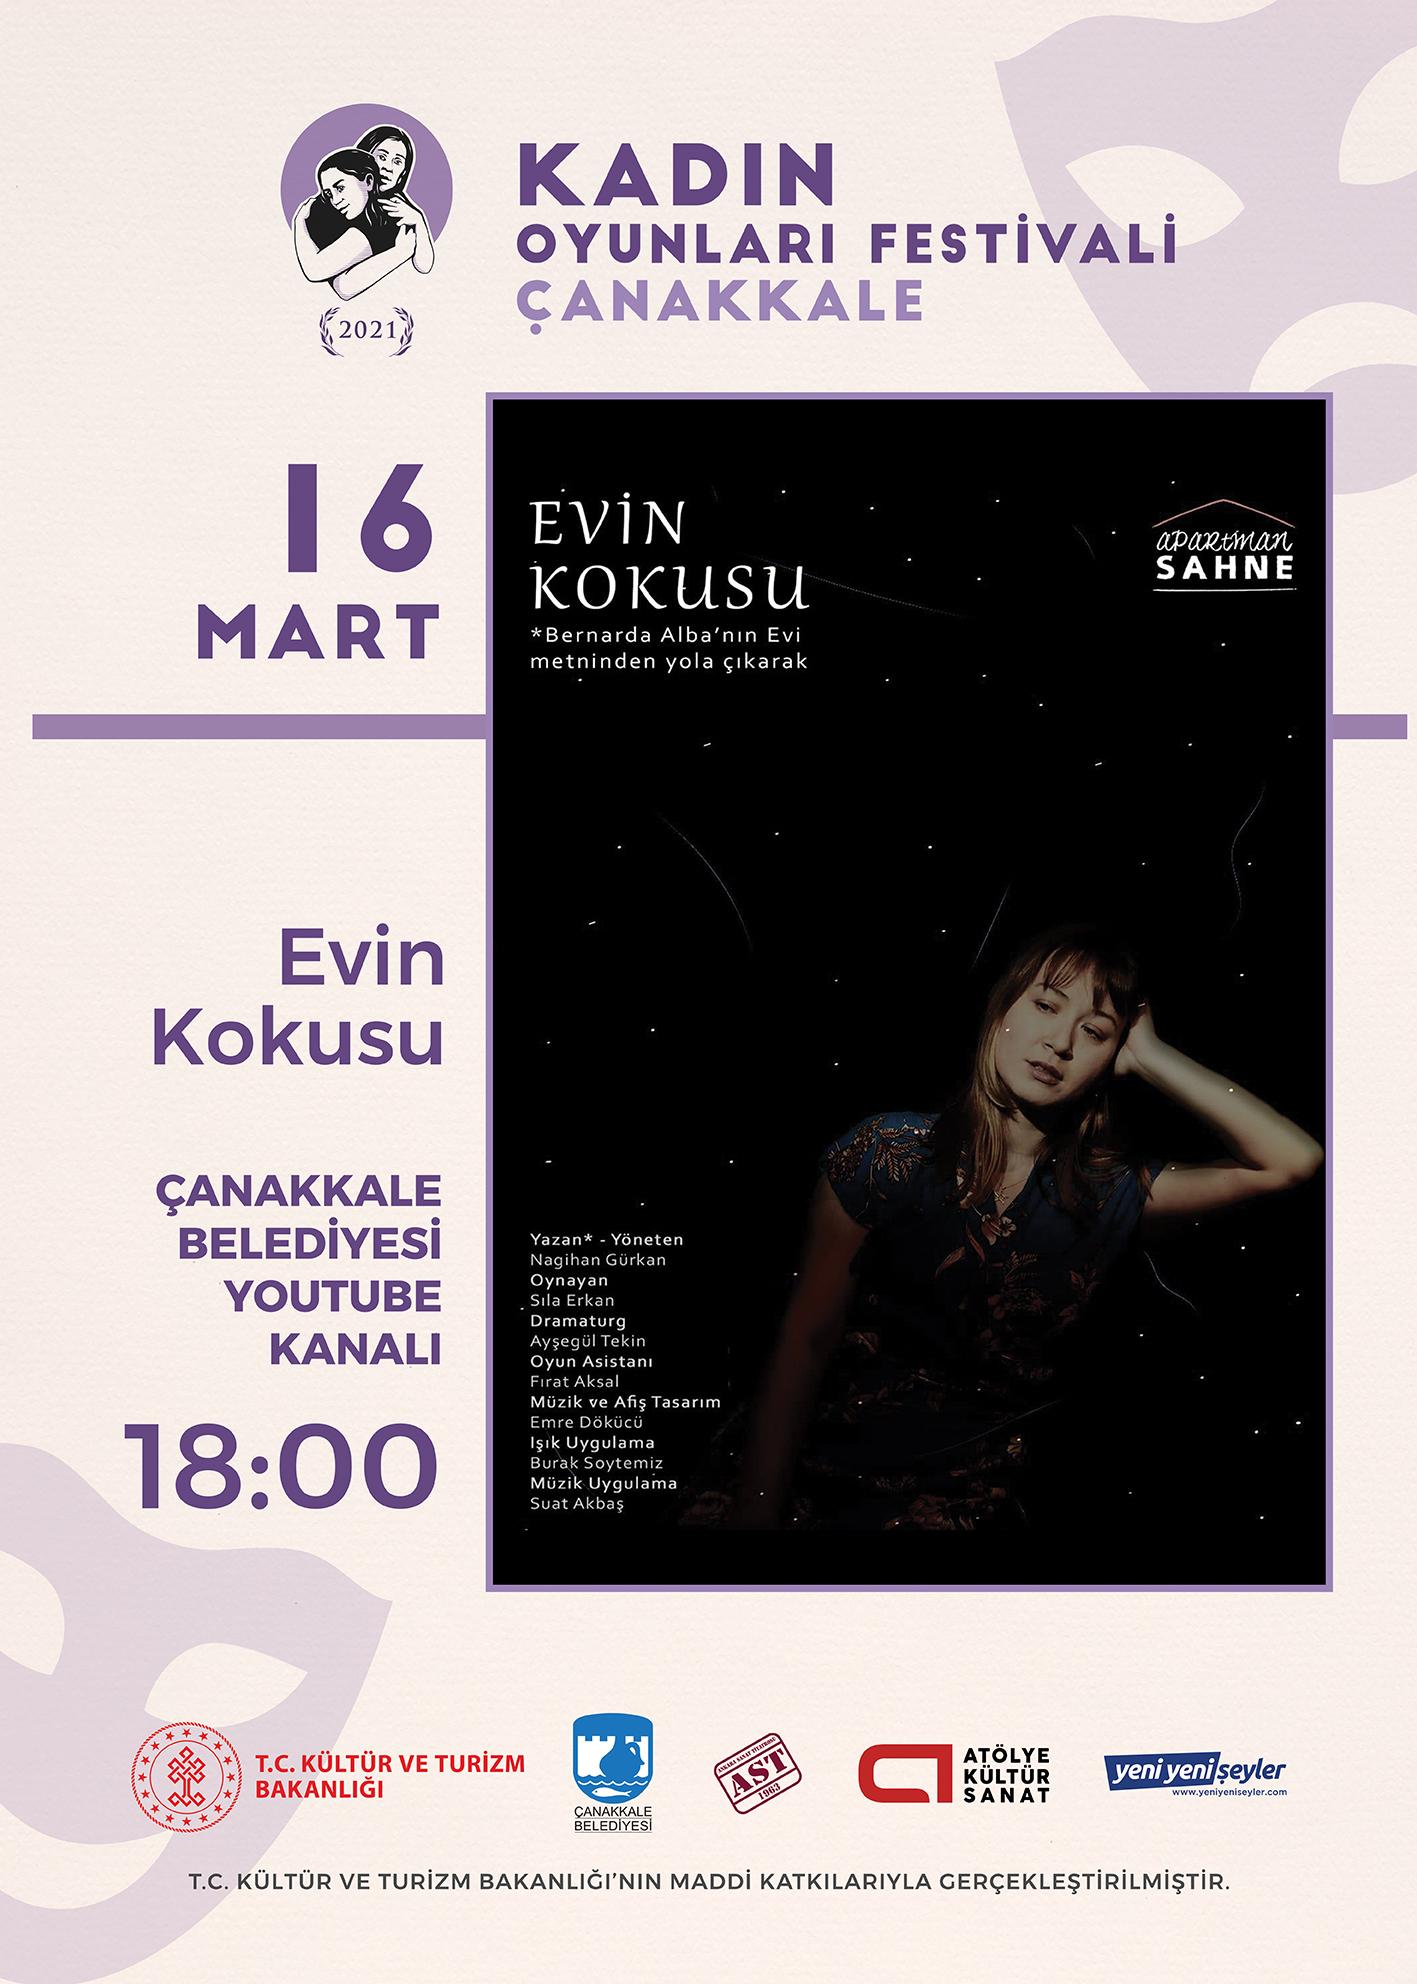 KTB - KOF 2021 Çanakkale - 16 Mart